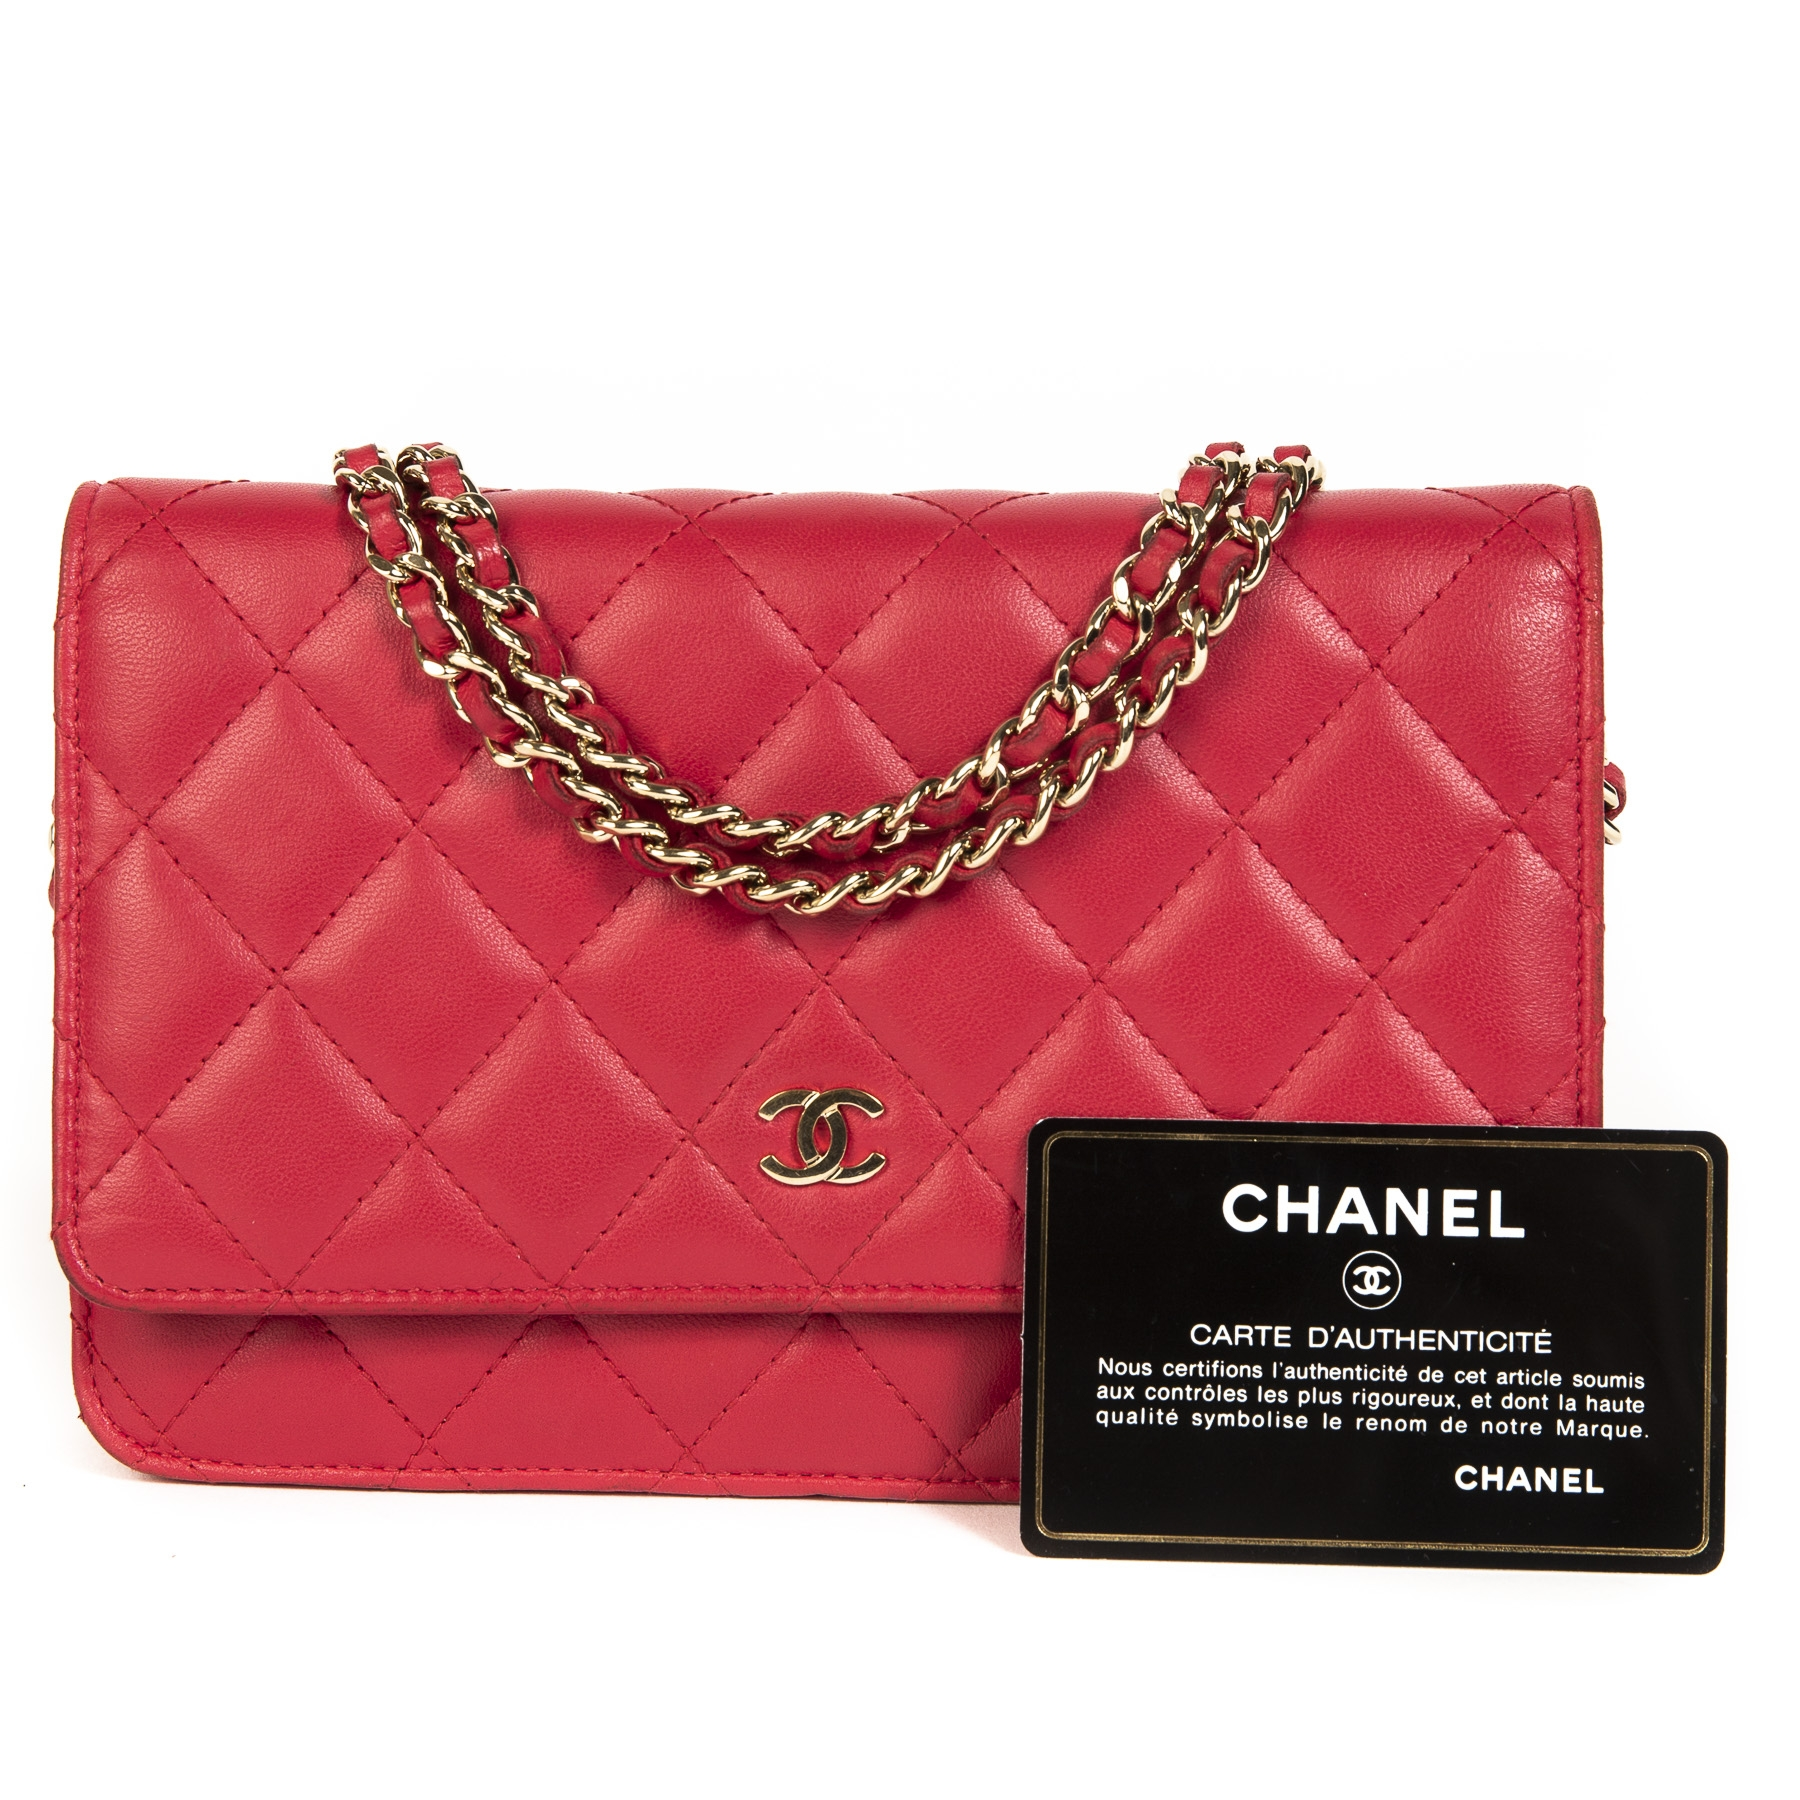 c2670234410 ... ben jij opzoek naar een tweedehands Chanel WOC tegen de best prijs ?